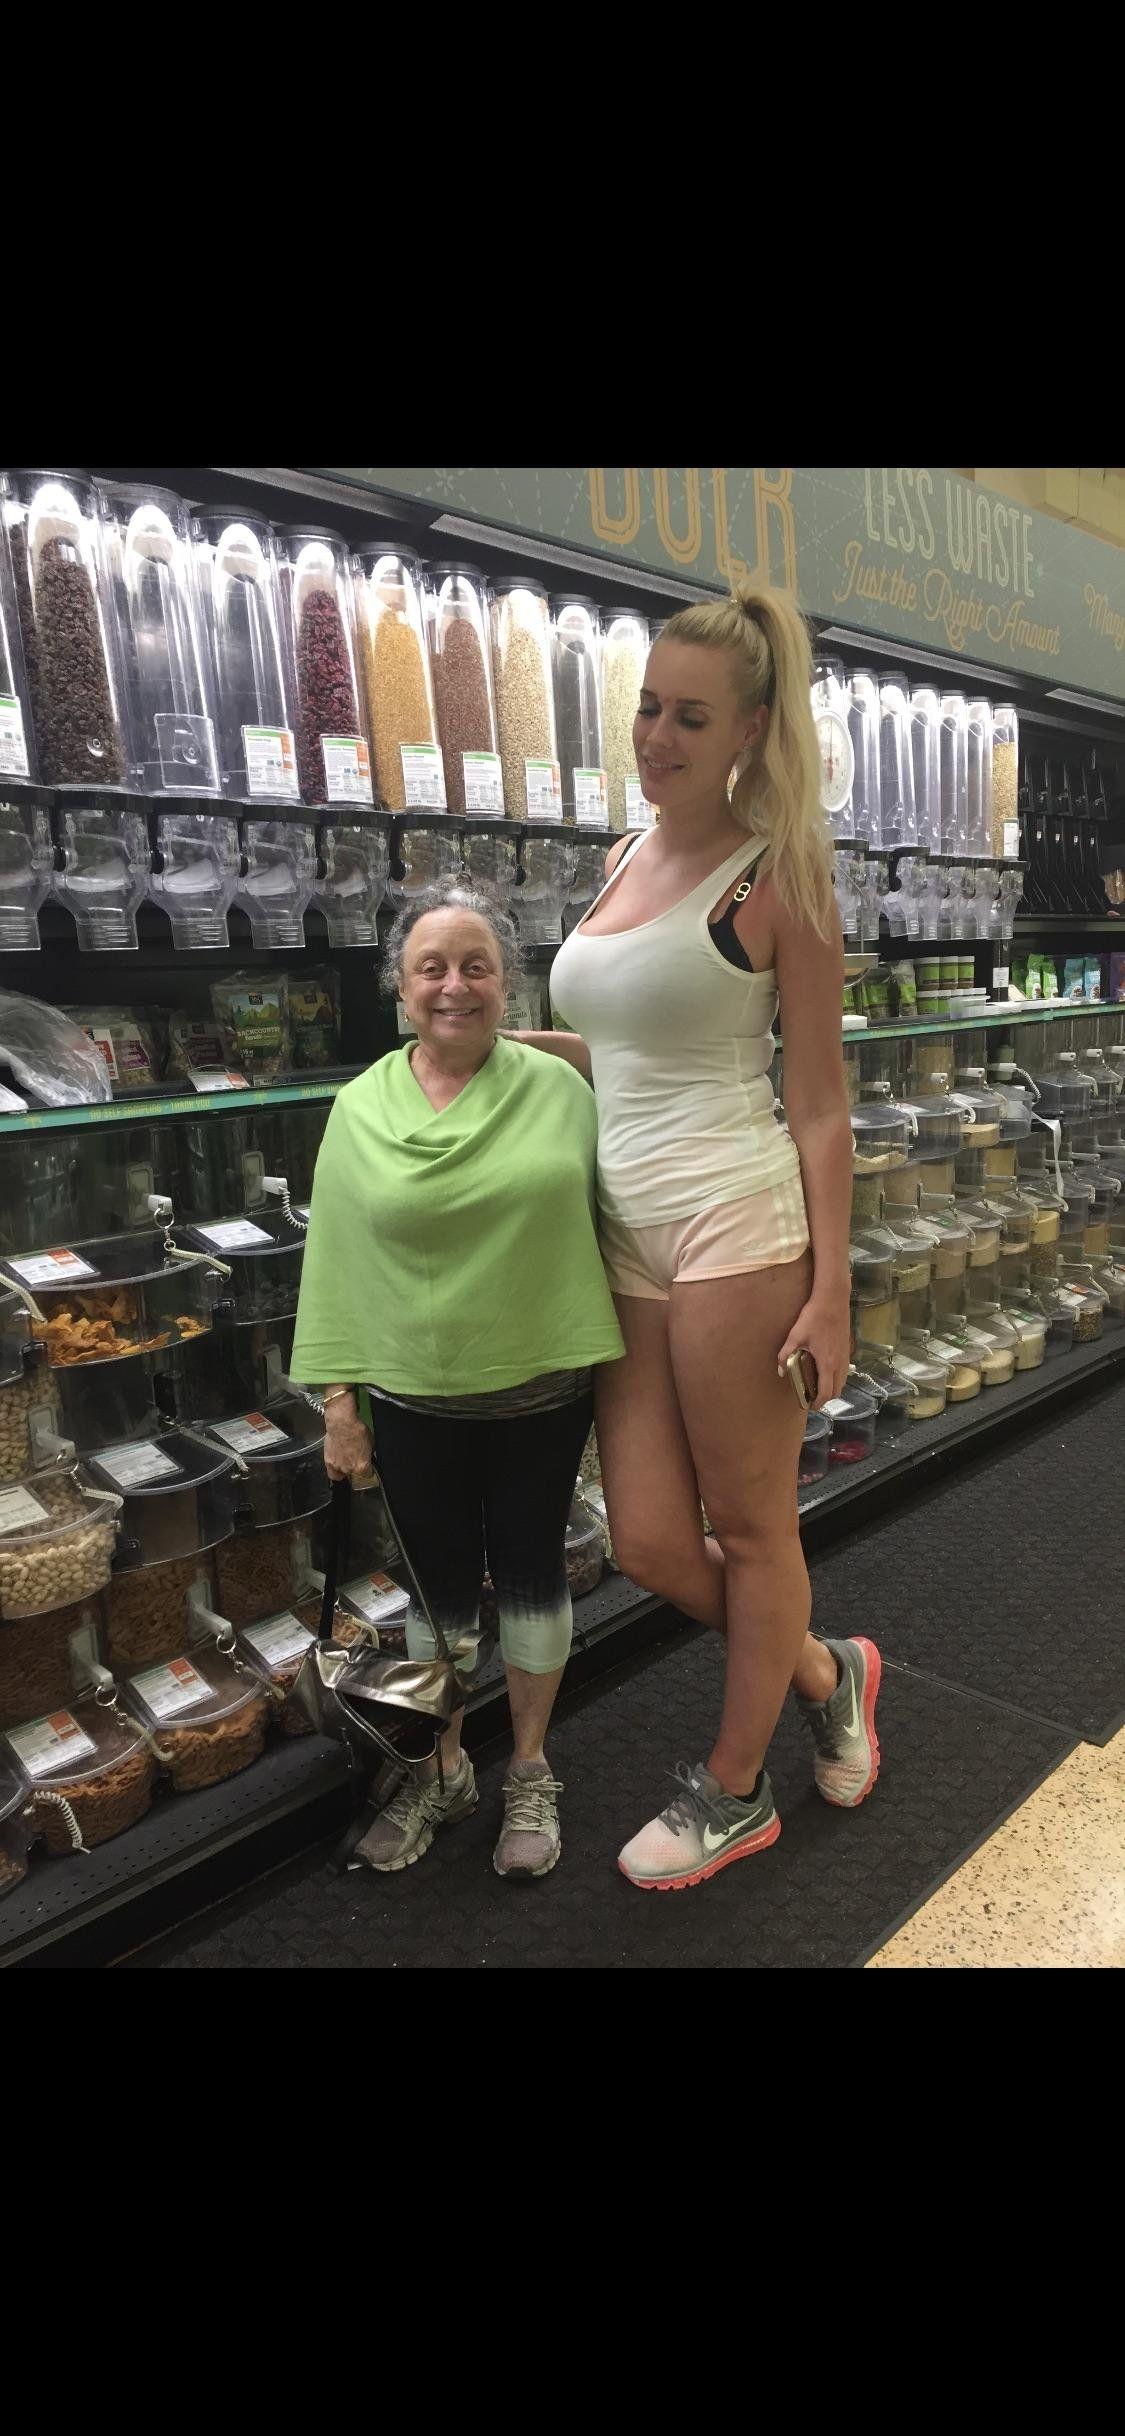 Высокие девушки на каблуках картинки